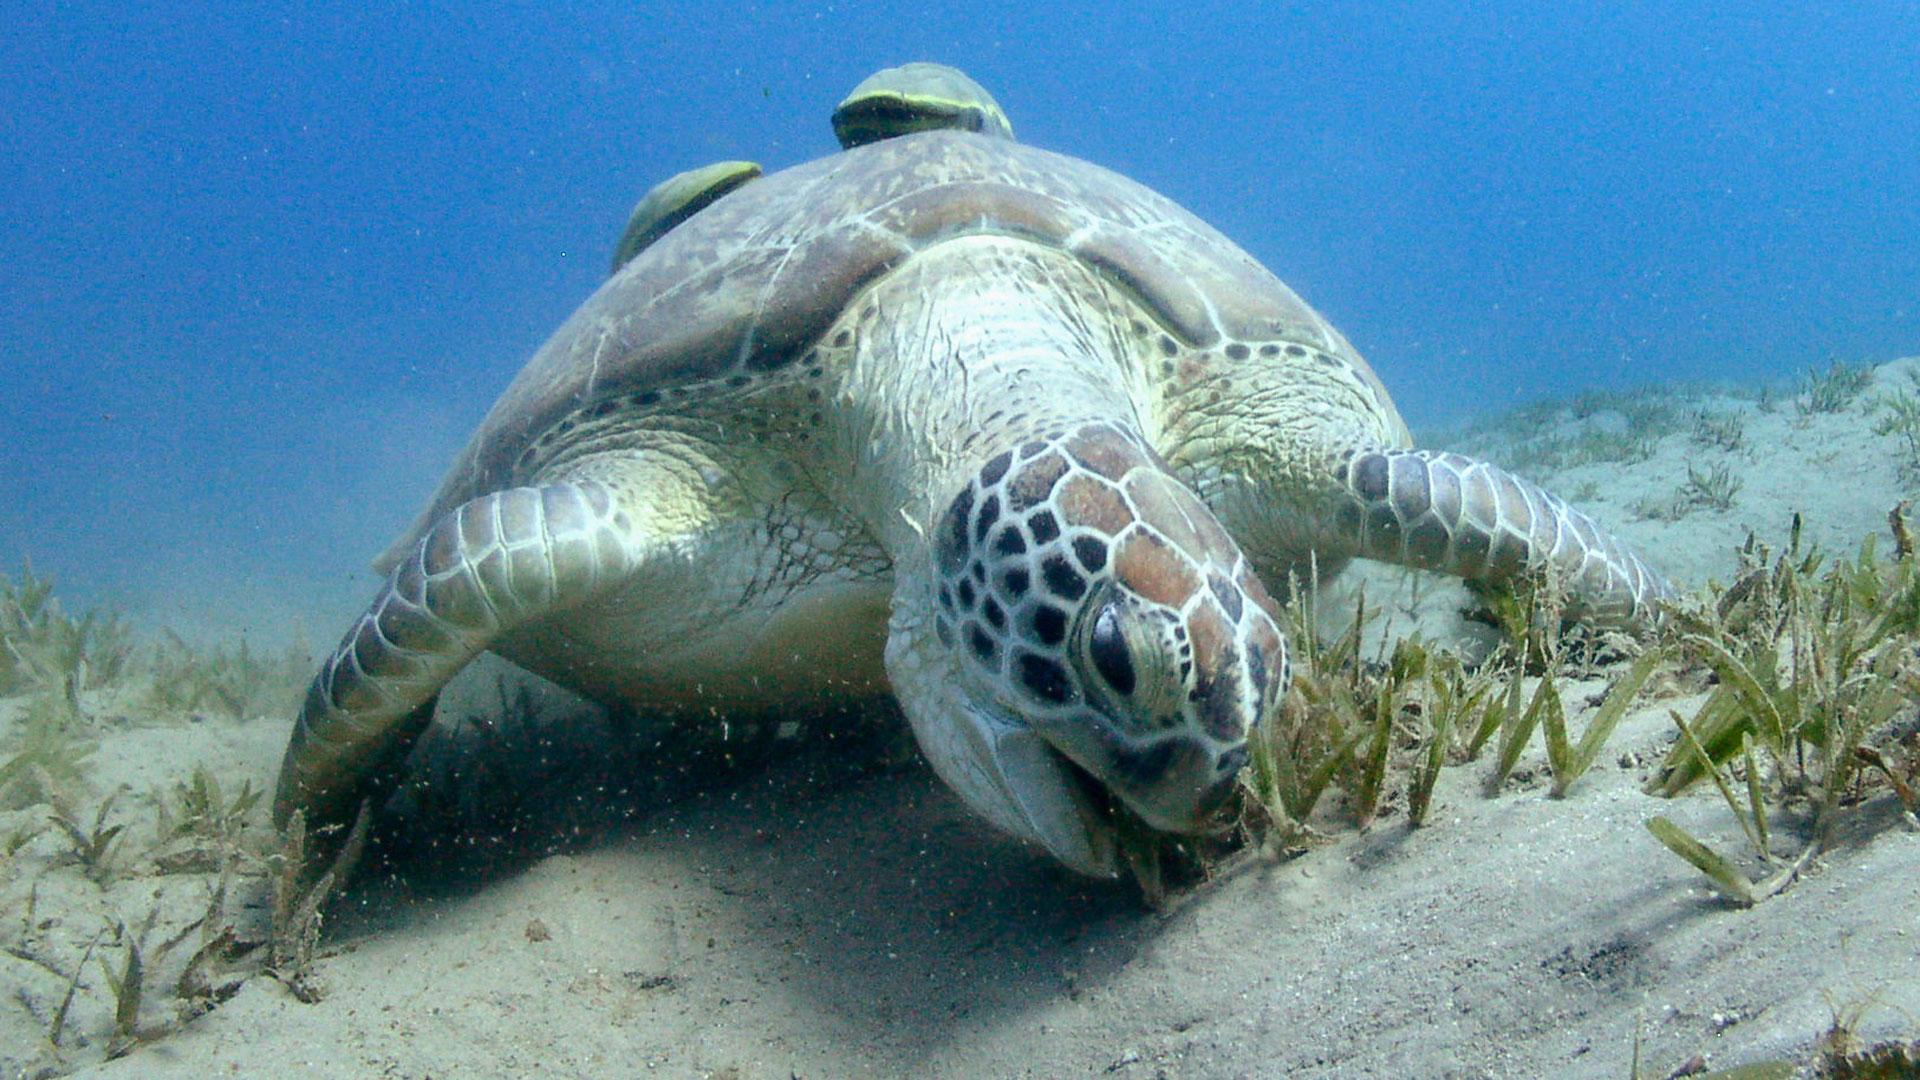 Schildkröten sind wichtig für das Meer. Sie halten das Ökosystem gesund. Hier: Chelonia mydas.